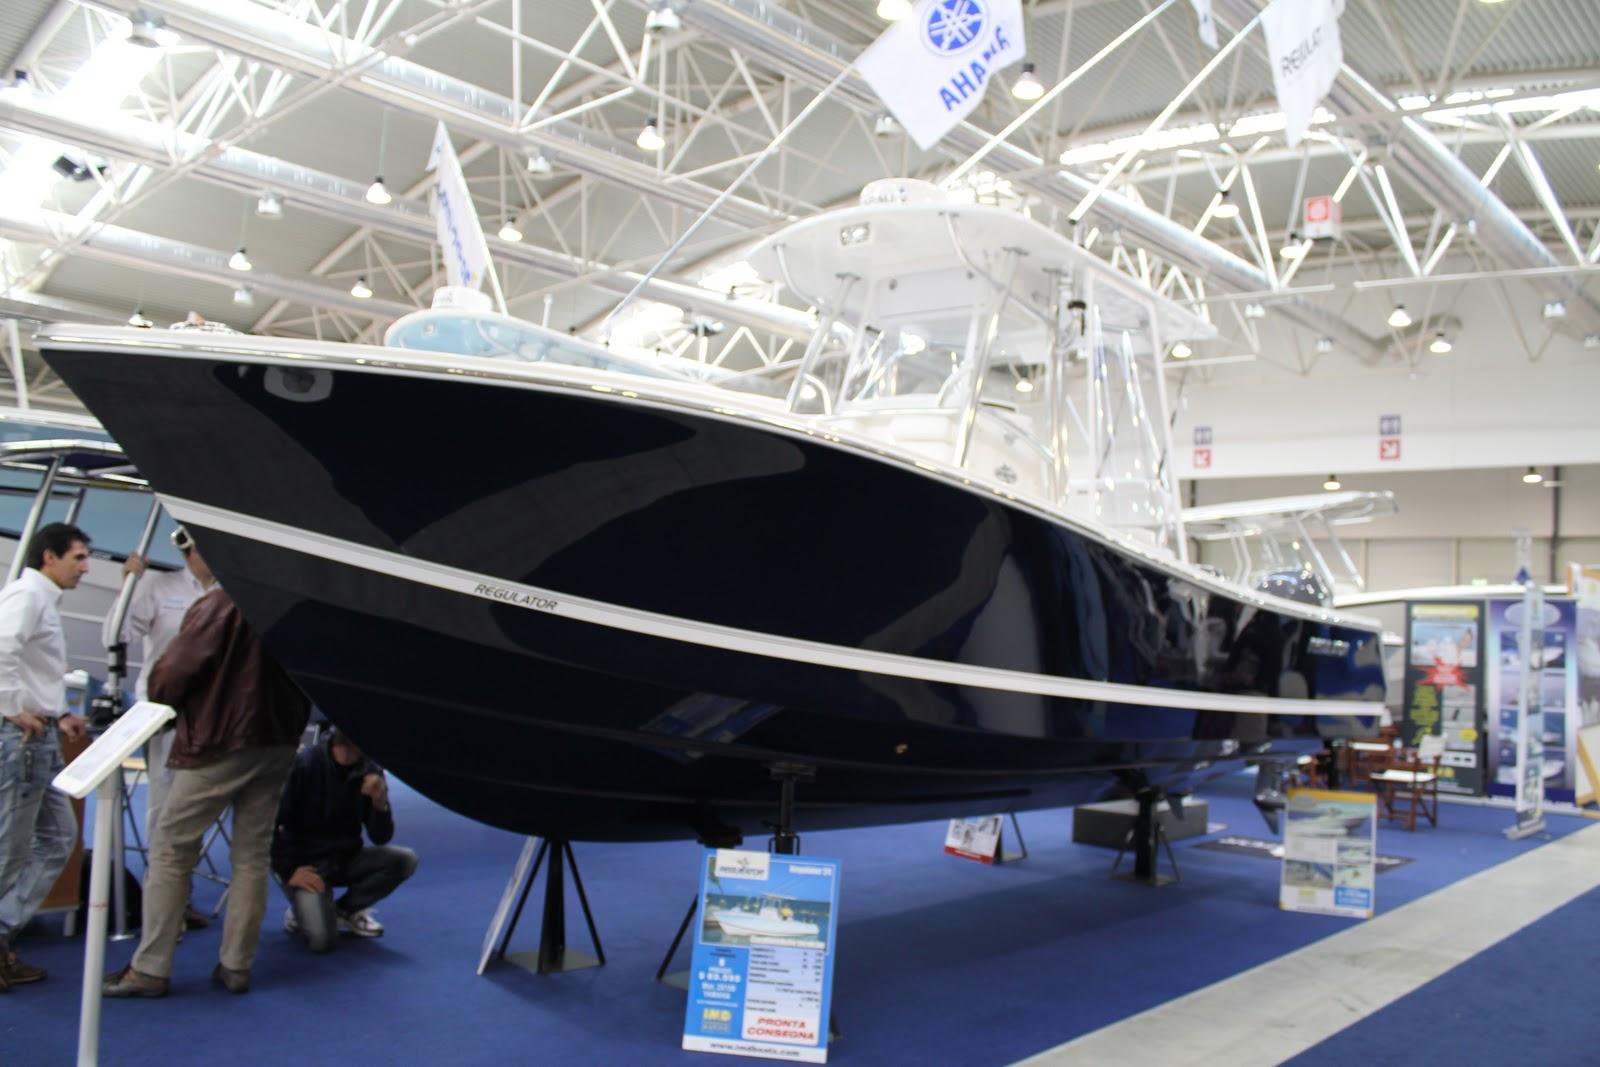 Porti di sicilia a big blu una barca per ogni for Barca a vapore per barche da pesca